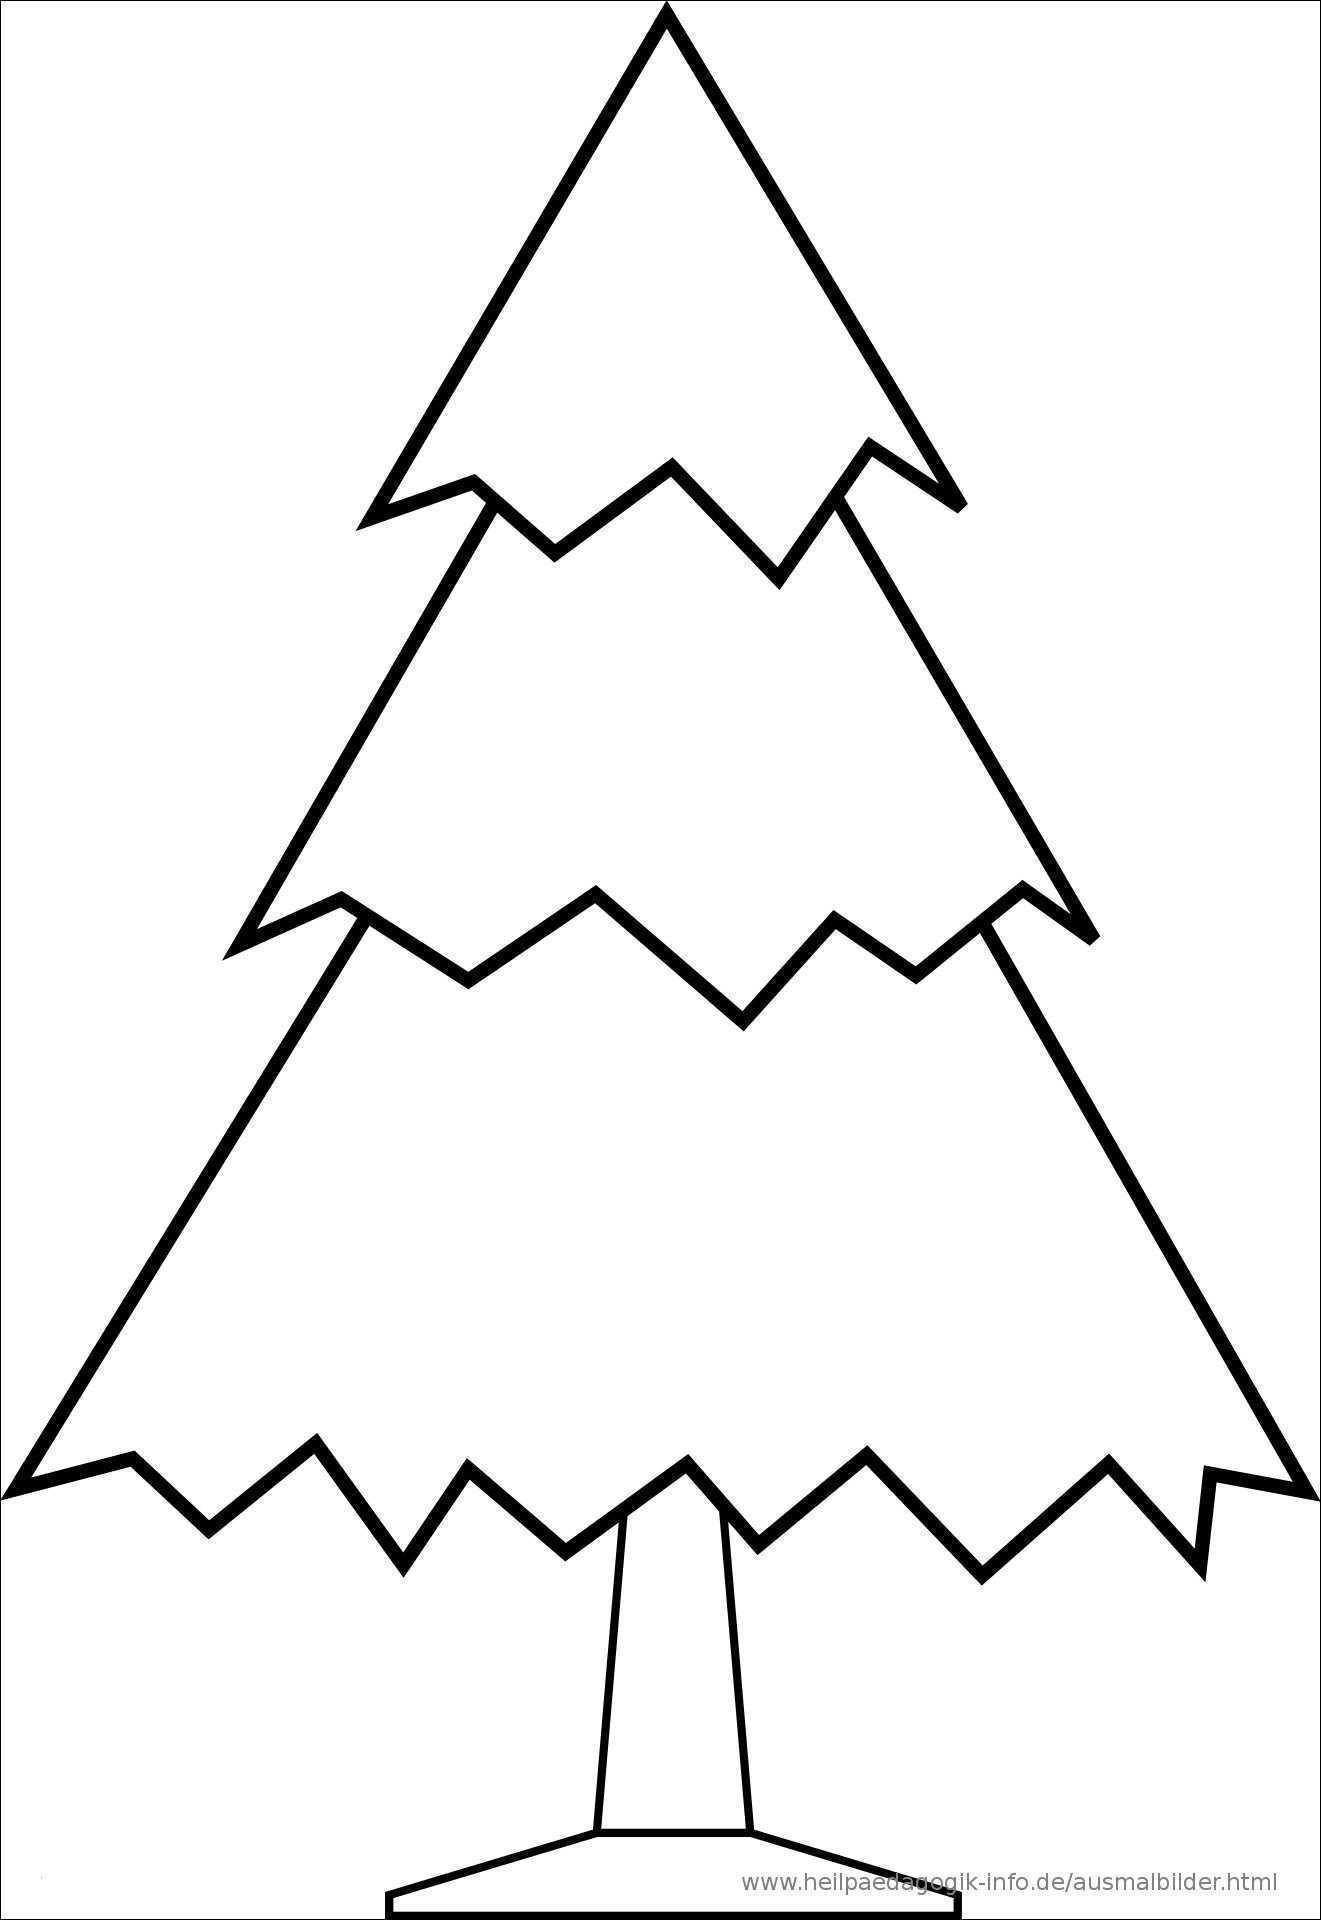 Ausmalbilder Weihnachten Schneeflocke Inspirierend Window Color Vorlagen Weihnachten Schneeflocke Image Malvorlagen Fotografieren